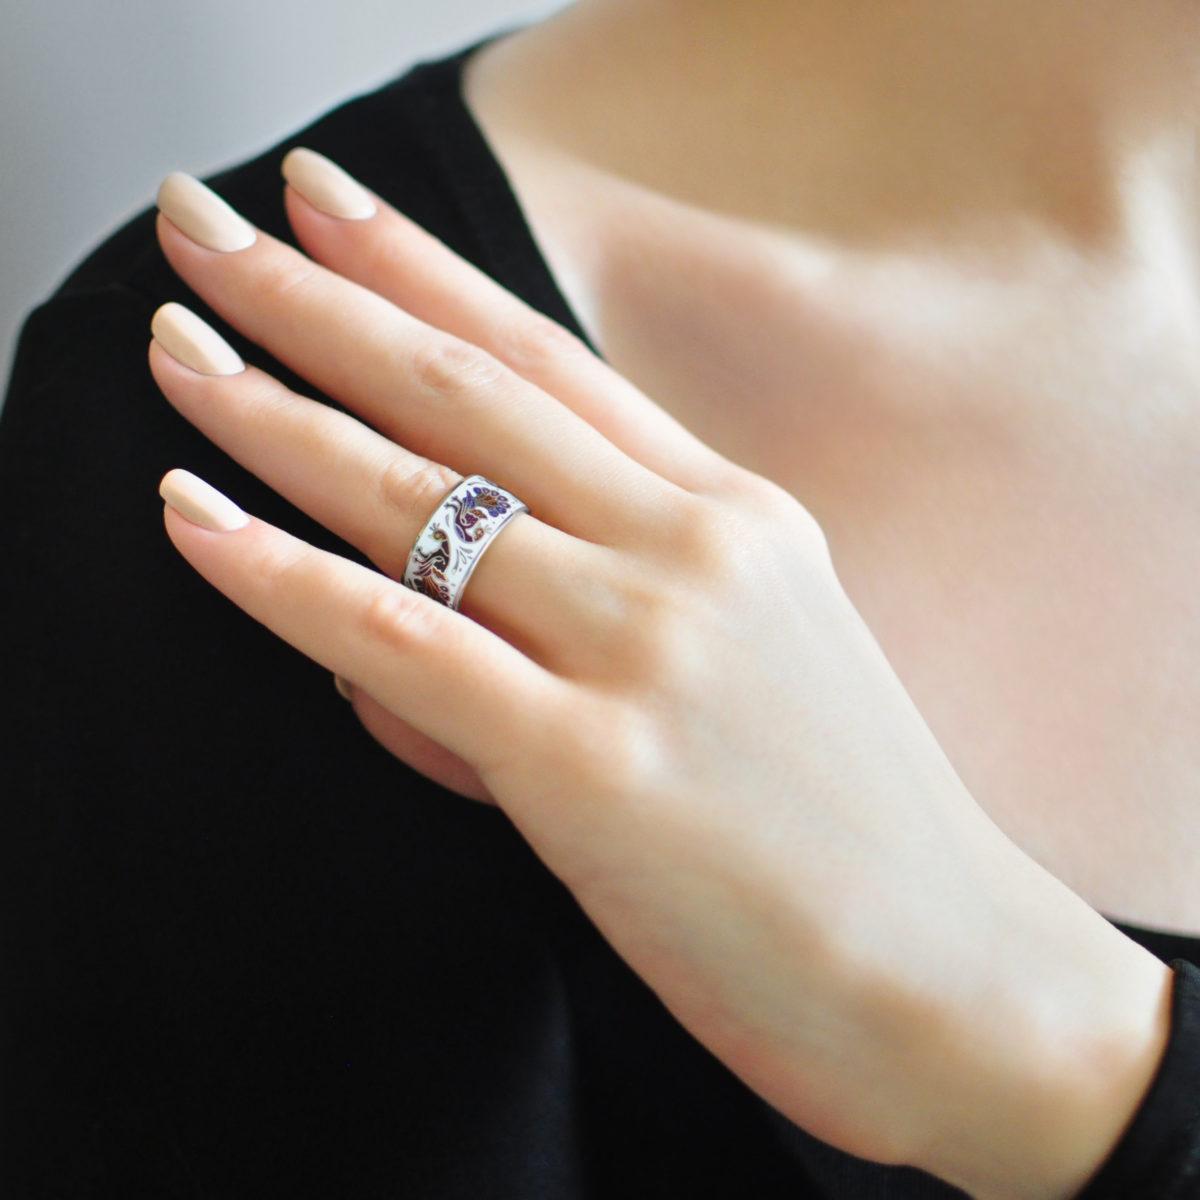 Serebro belo fioletovaya 1 1200x1200 - Кольцо «По зернышку», бело-фиолетовое